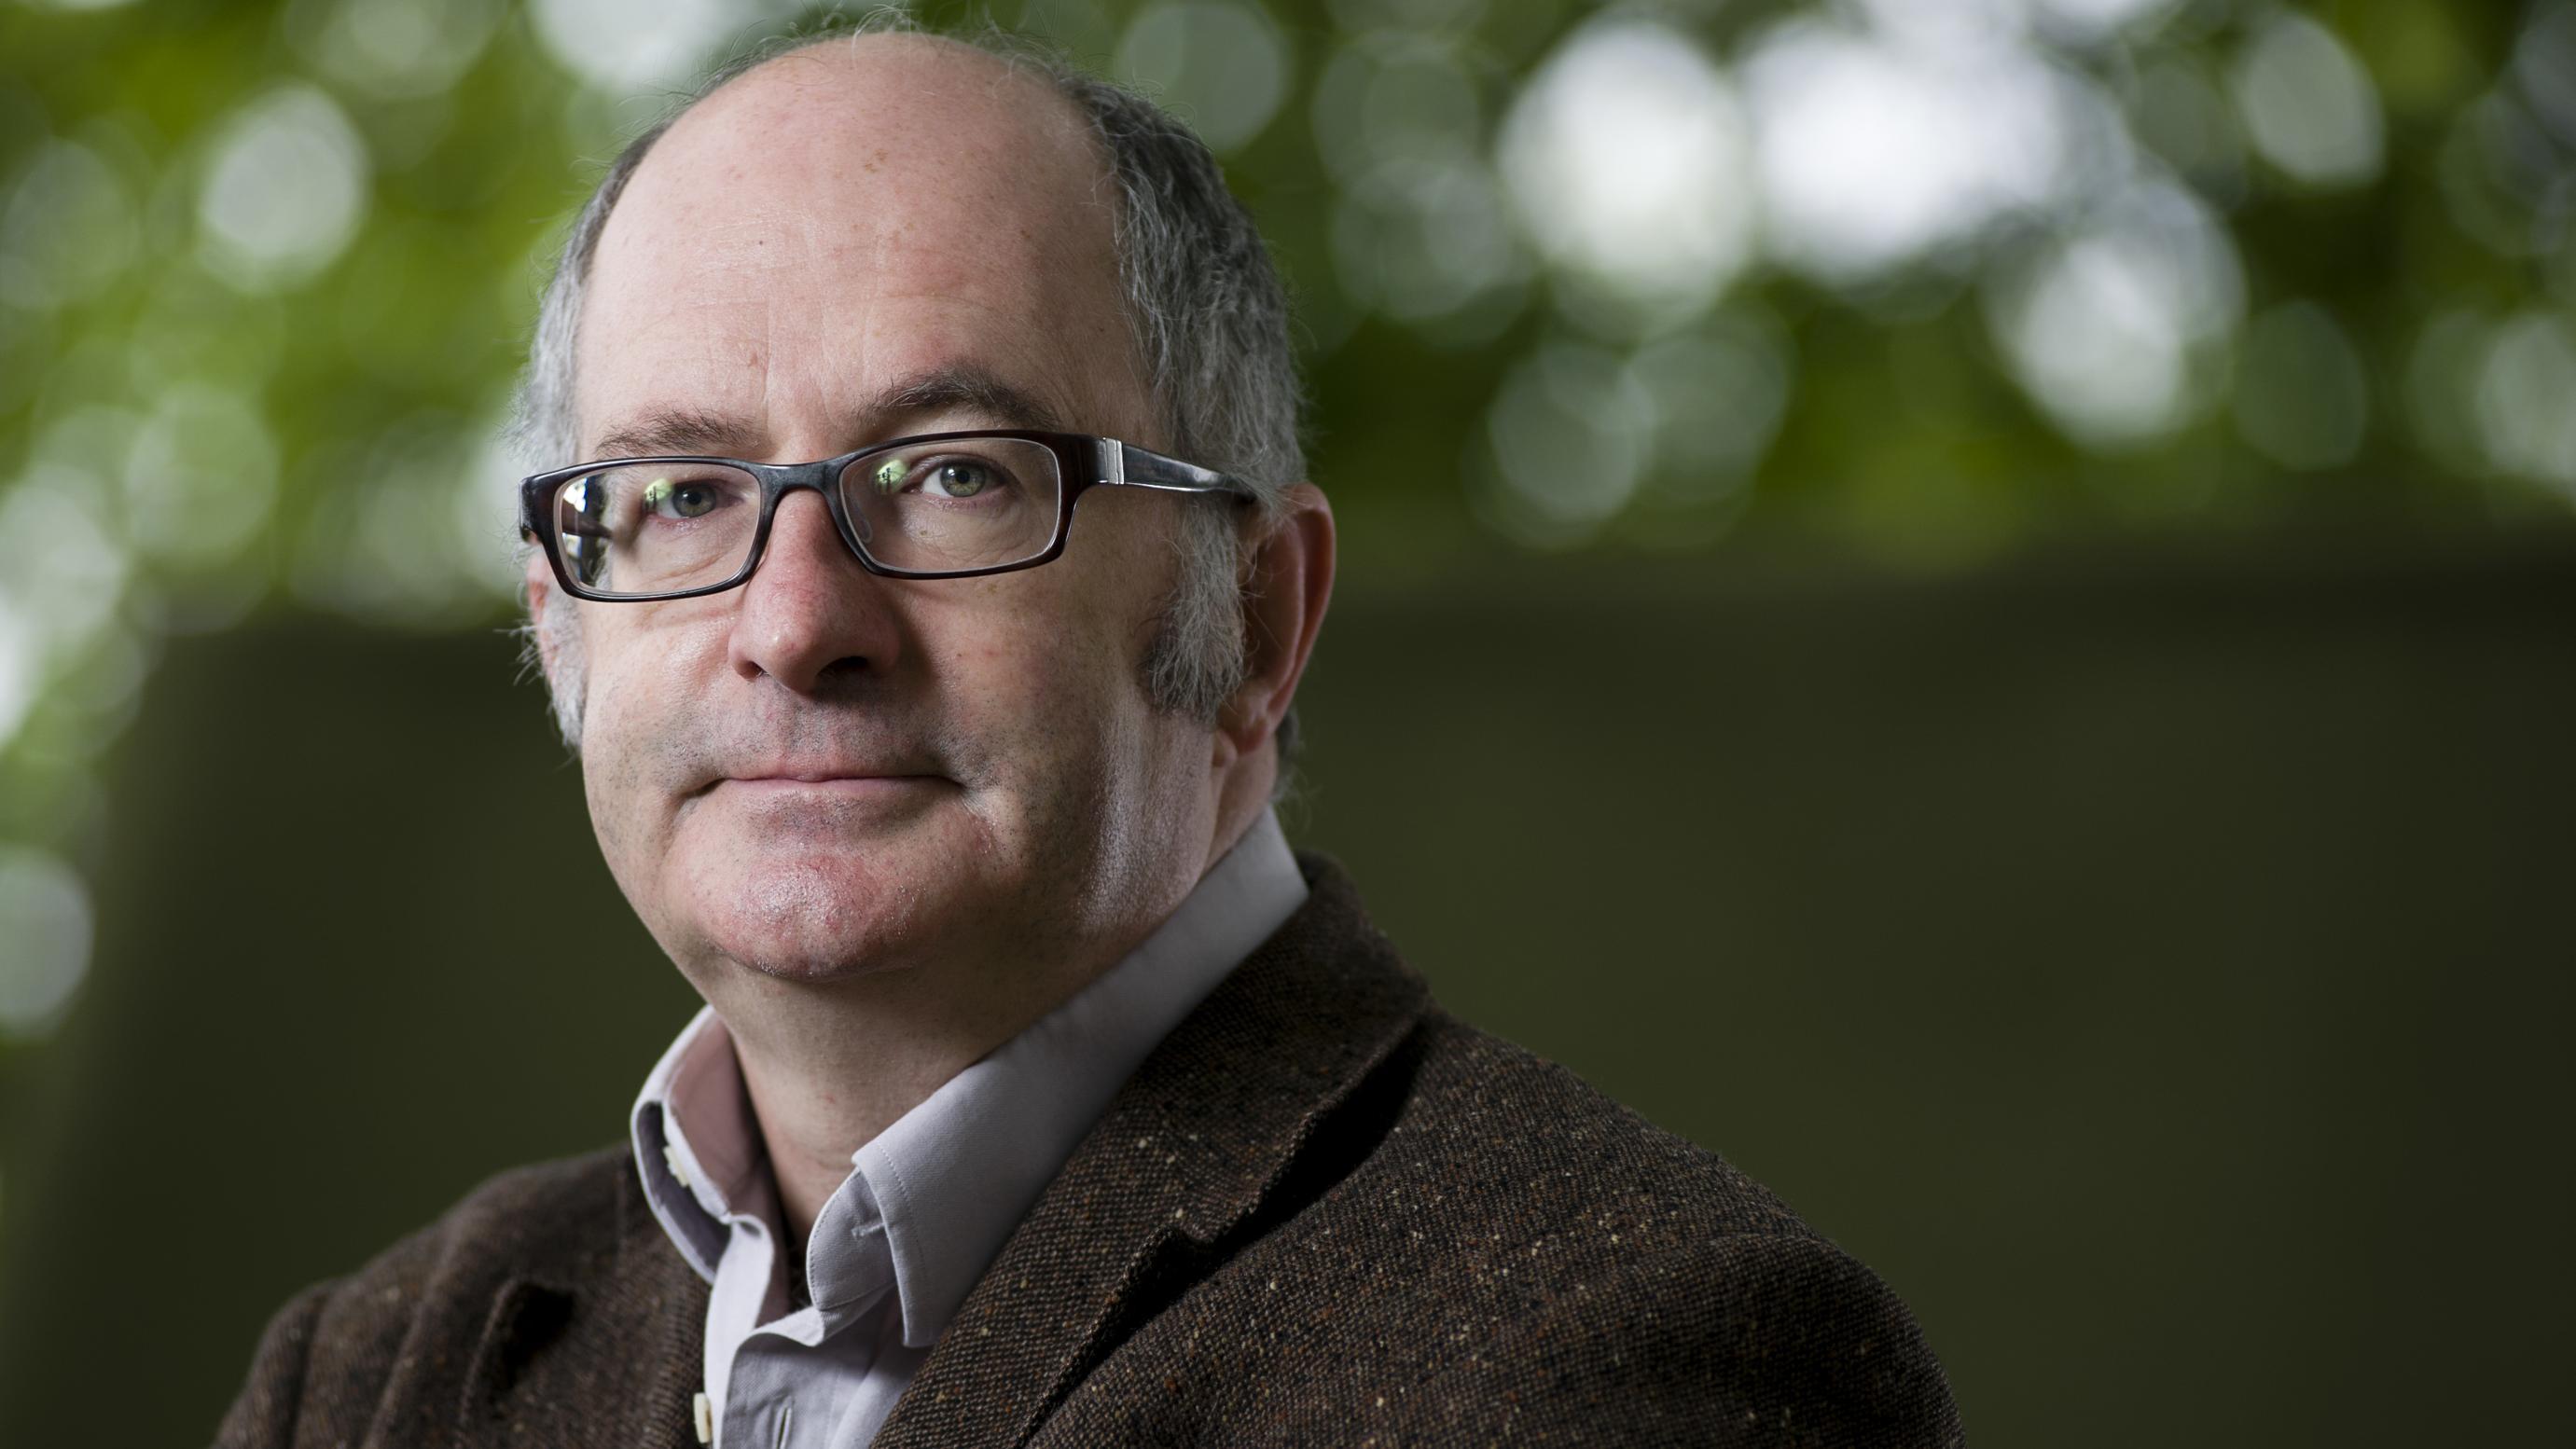 Porträt des Schriftstellers John Lanchester. Er trägt eine Brille und ein braunes Jacket, der Hintergrund ist grün und unscharf.